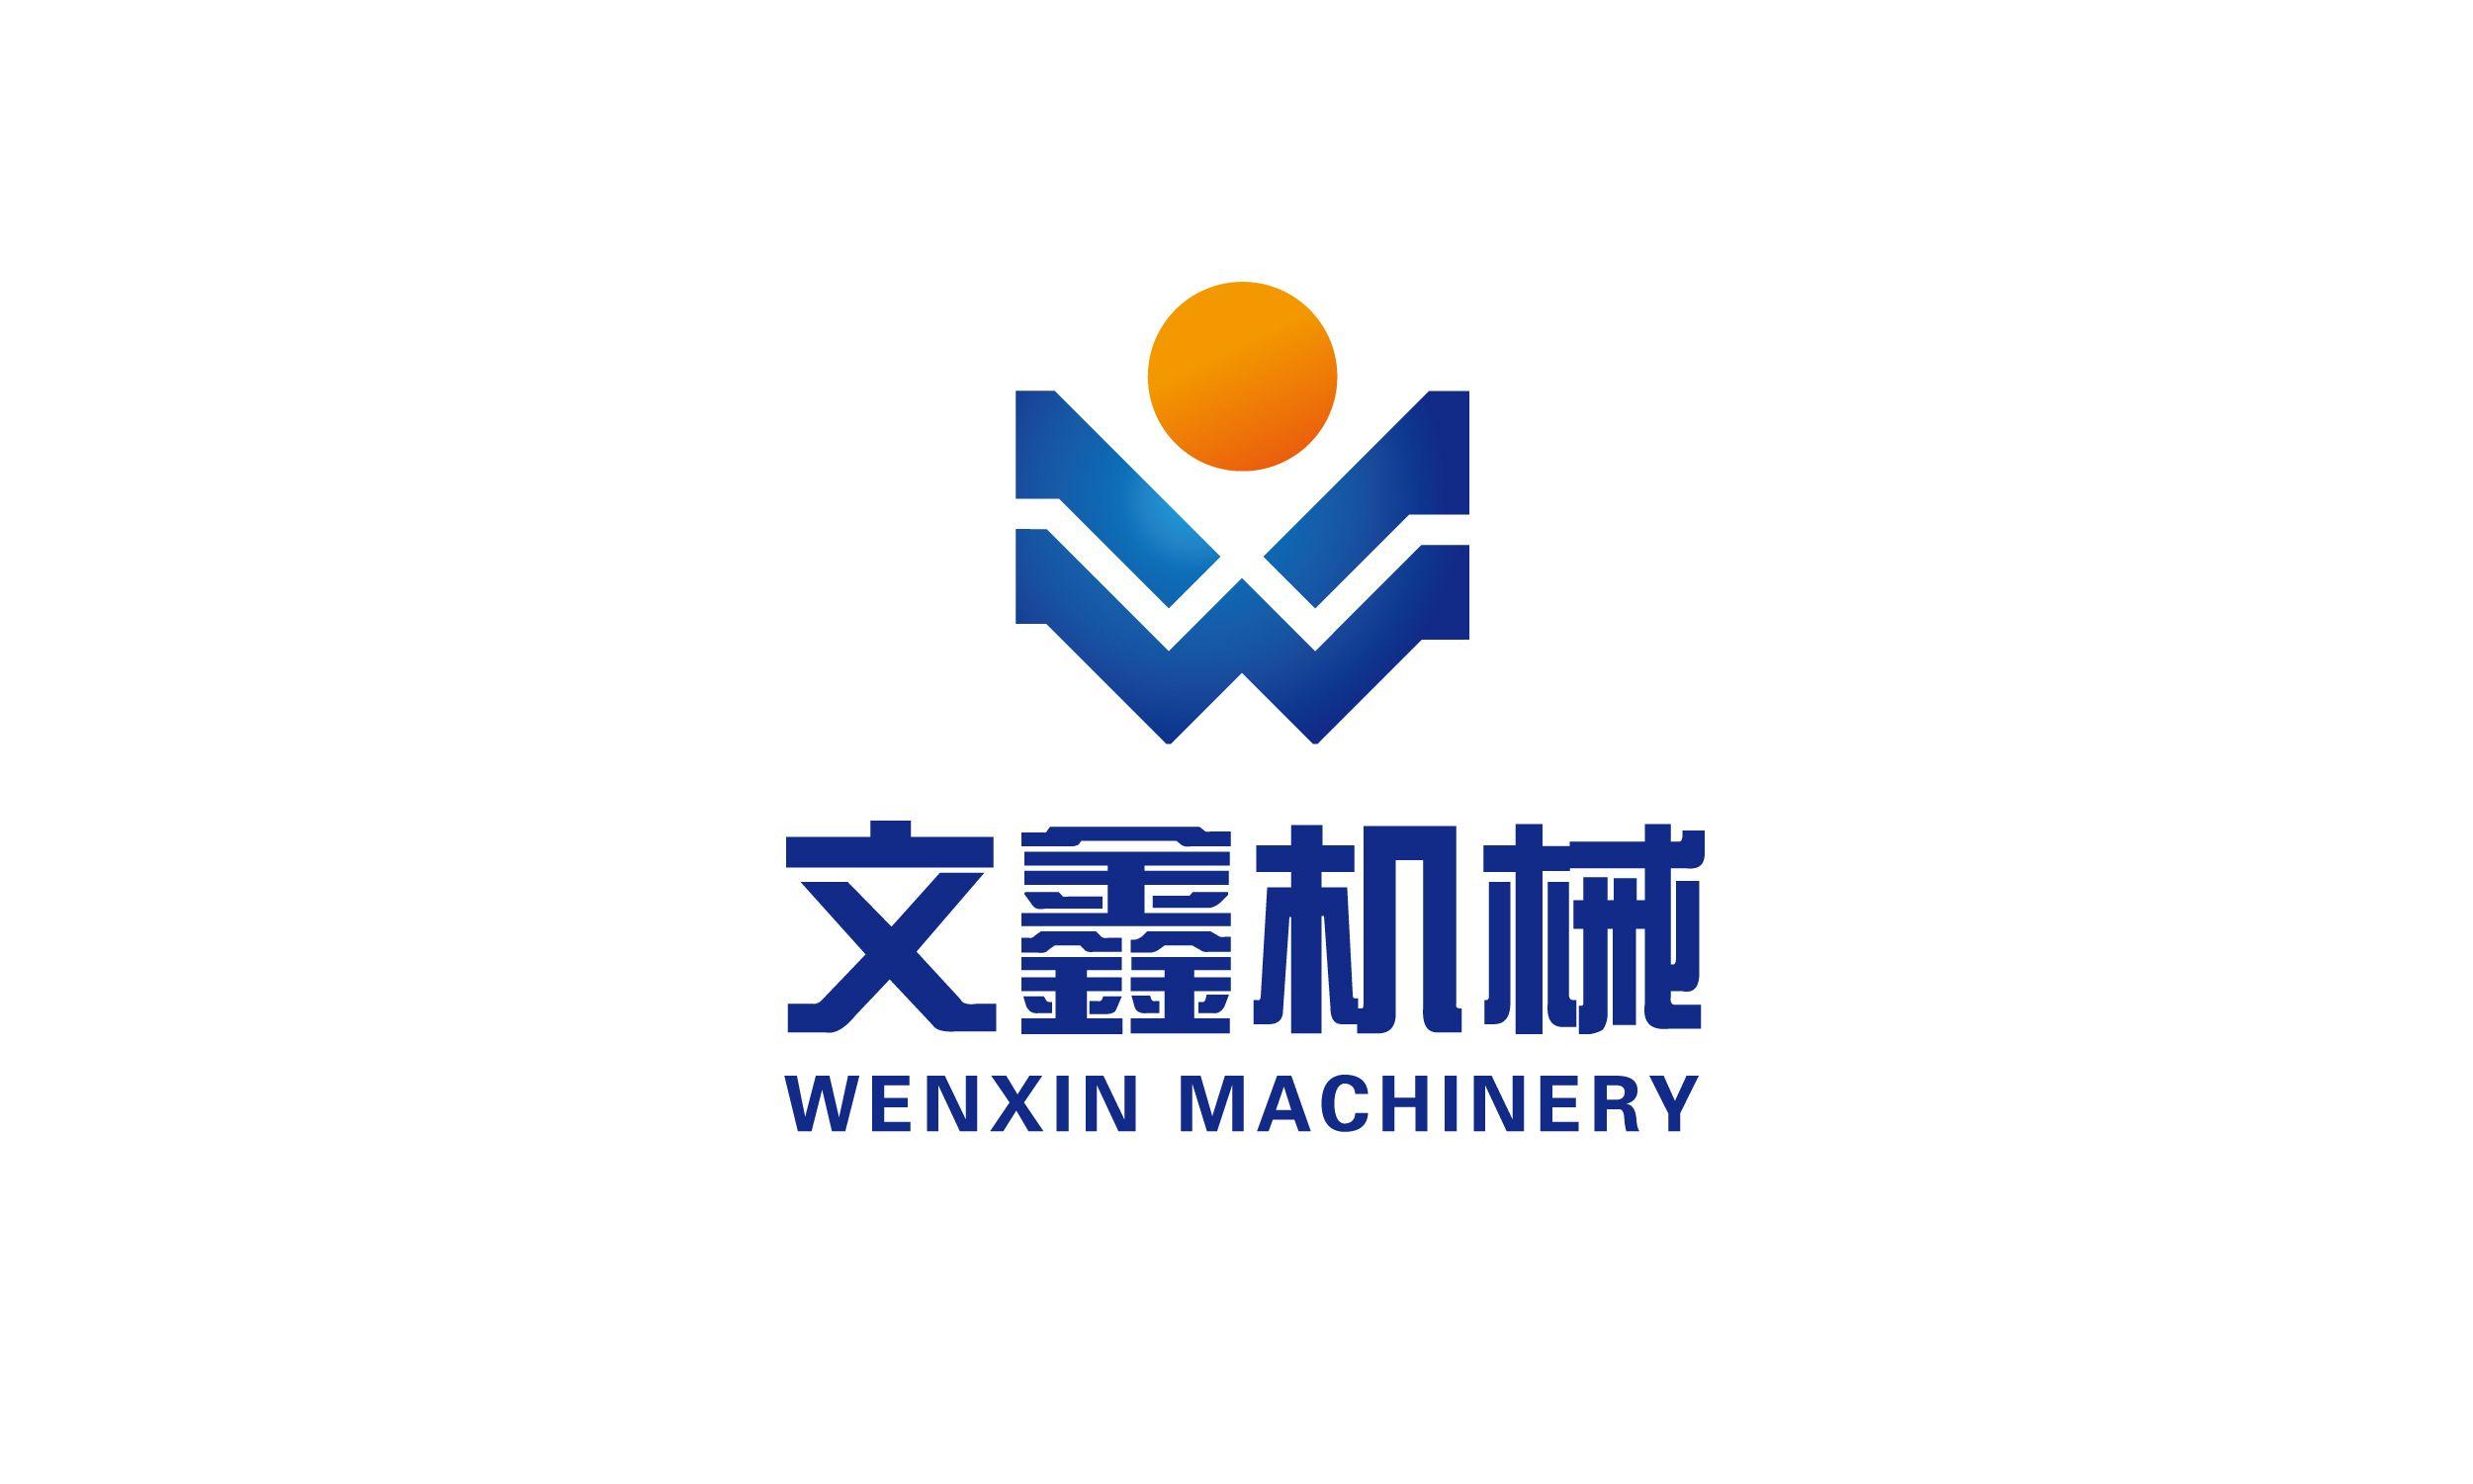 張家港市樂余文鑫機械廠